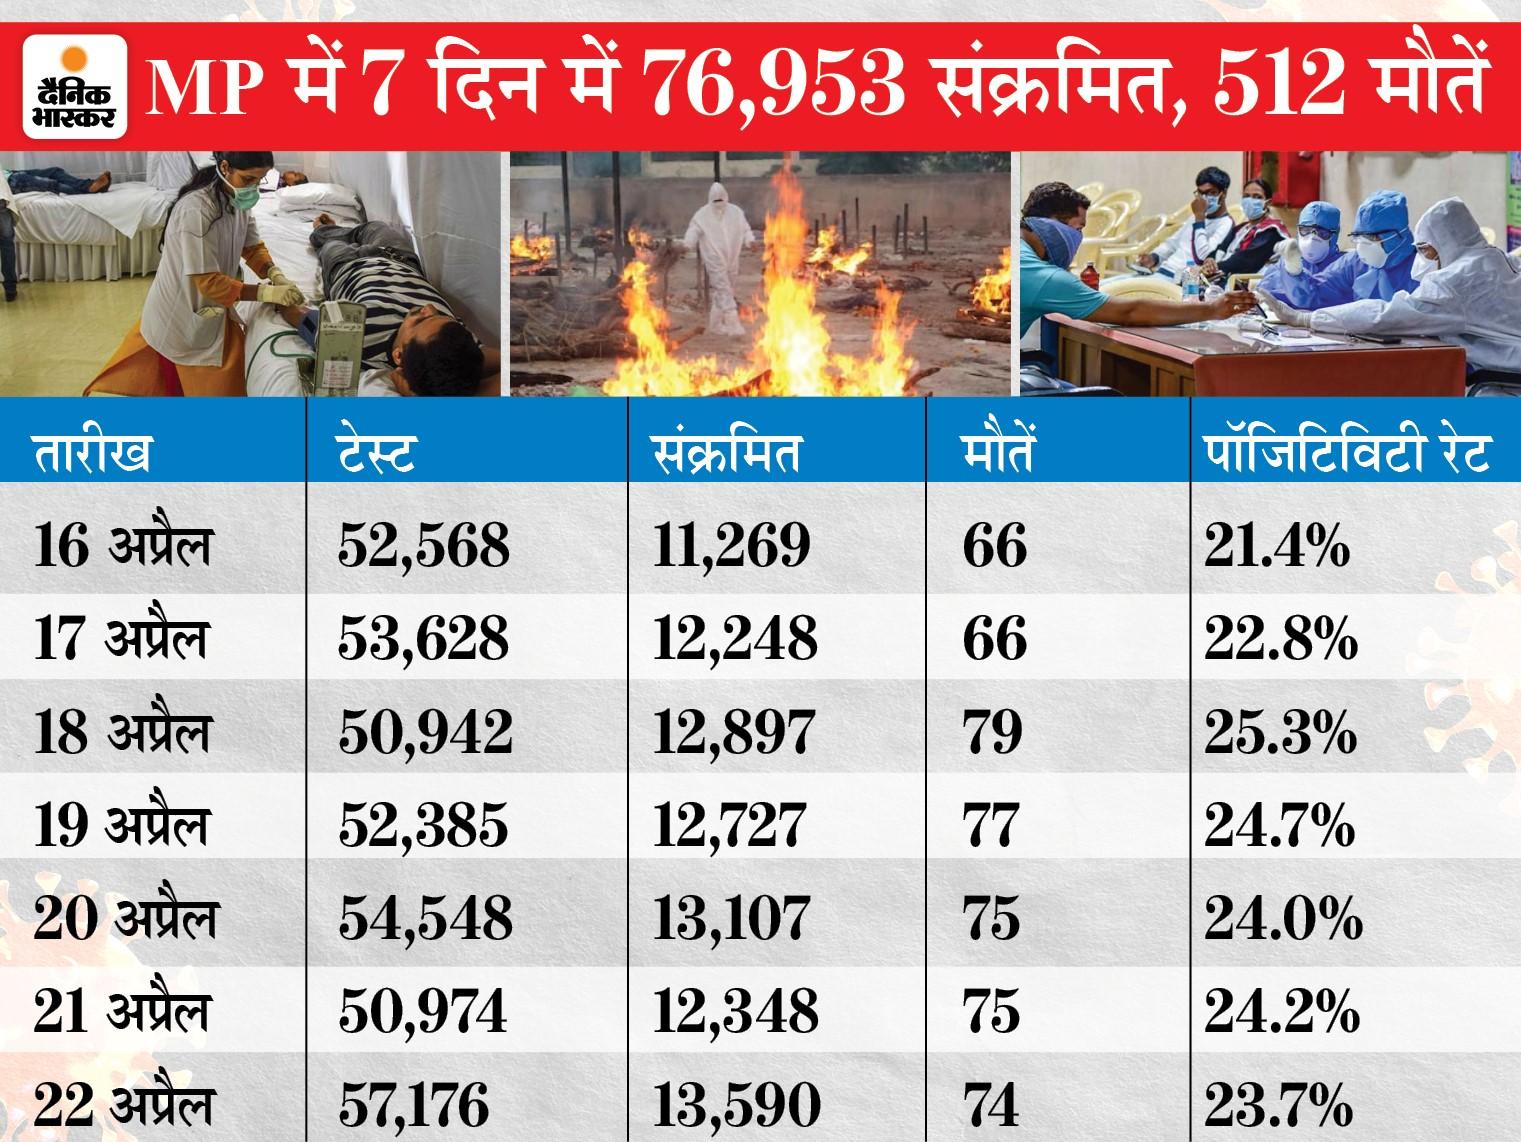 24 घंटे में 13,590 केस, 74 मौतें; 7 दिन में 76 हजार से ज्यादा कोरोना संक्रमित, 512 लोगों ने जान गंवाई|मध्य प्रदेश,Madhya Pradesh - Dainik Bhaskar